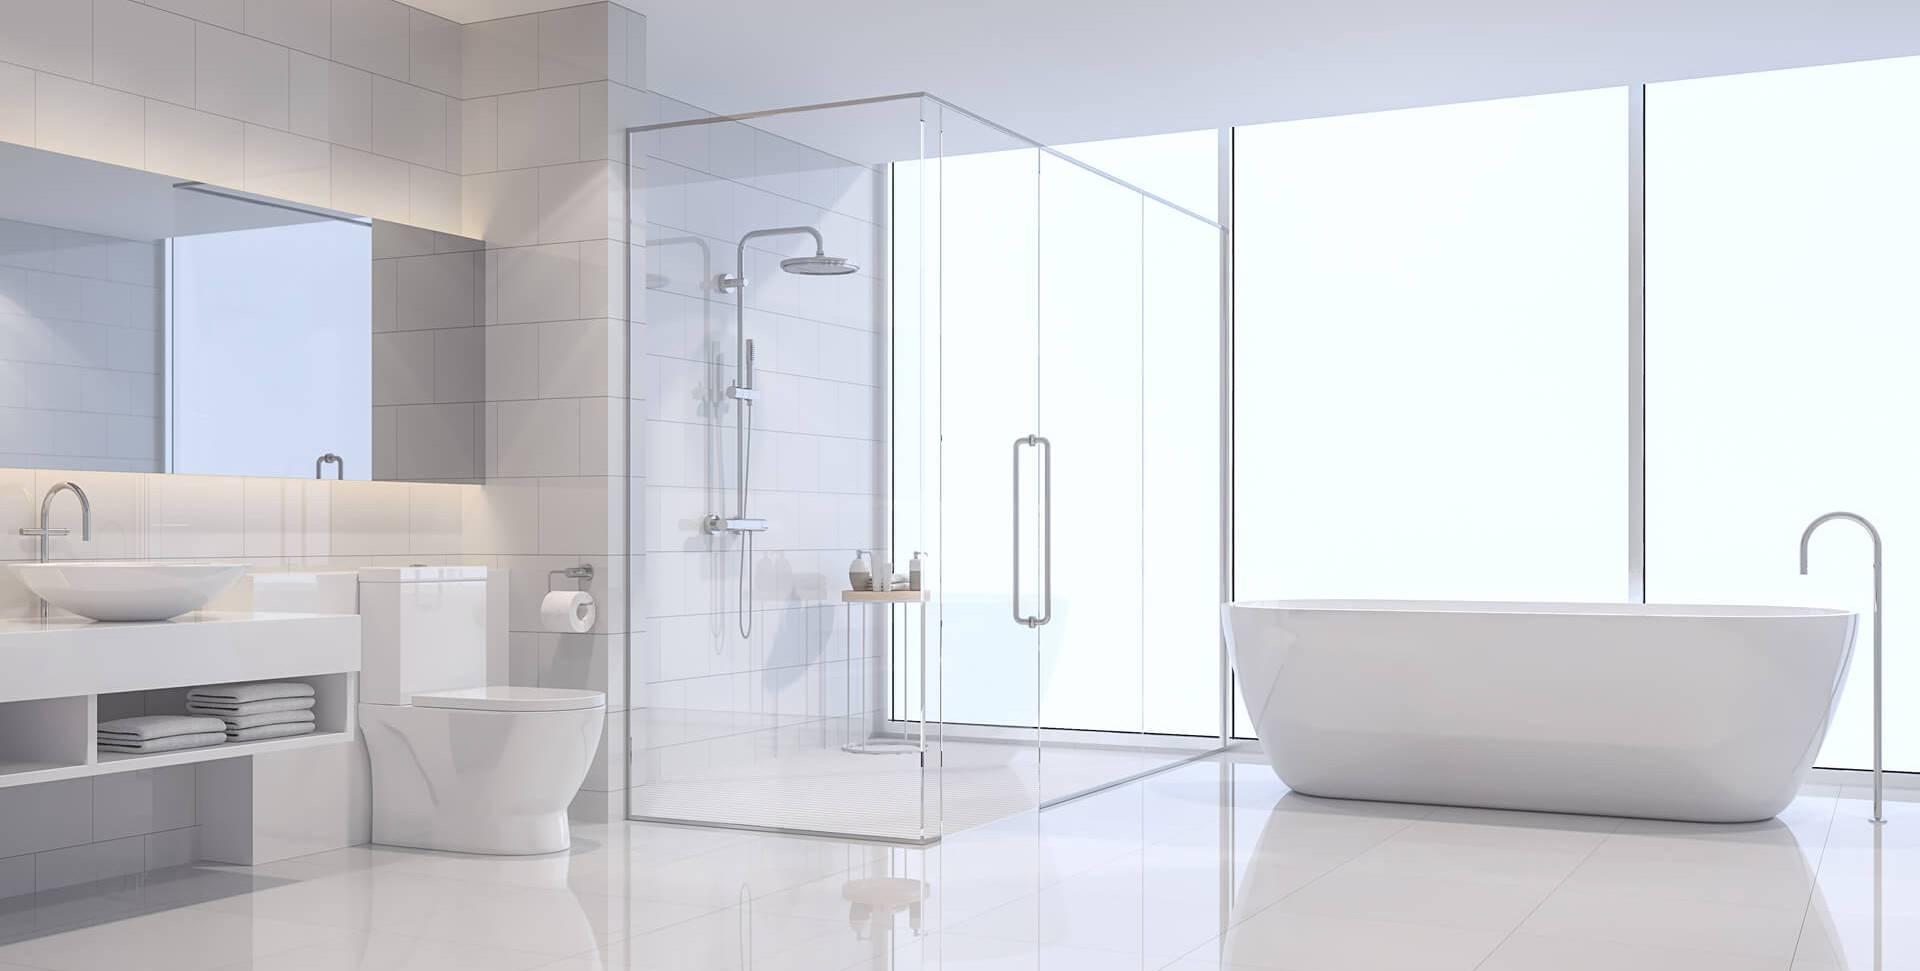 Full Size of Glasduschen Begehbare Dusche Ohne Tür Bodengleiche Duschen Bluetooth Lautsprecher Koralle Einhebelmischer Walkin 80x80 Hüppe Mischbatterie Glastrennwand Dusche Glastür Dusche